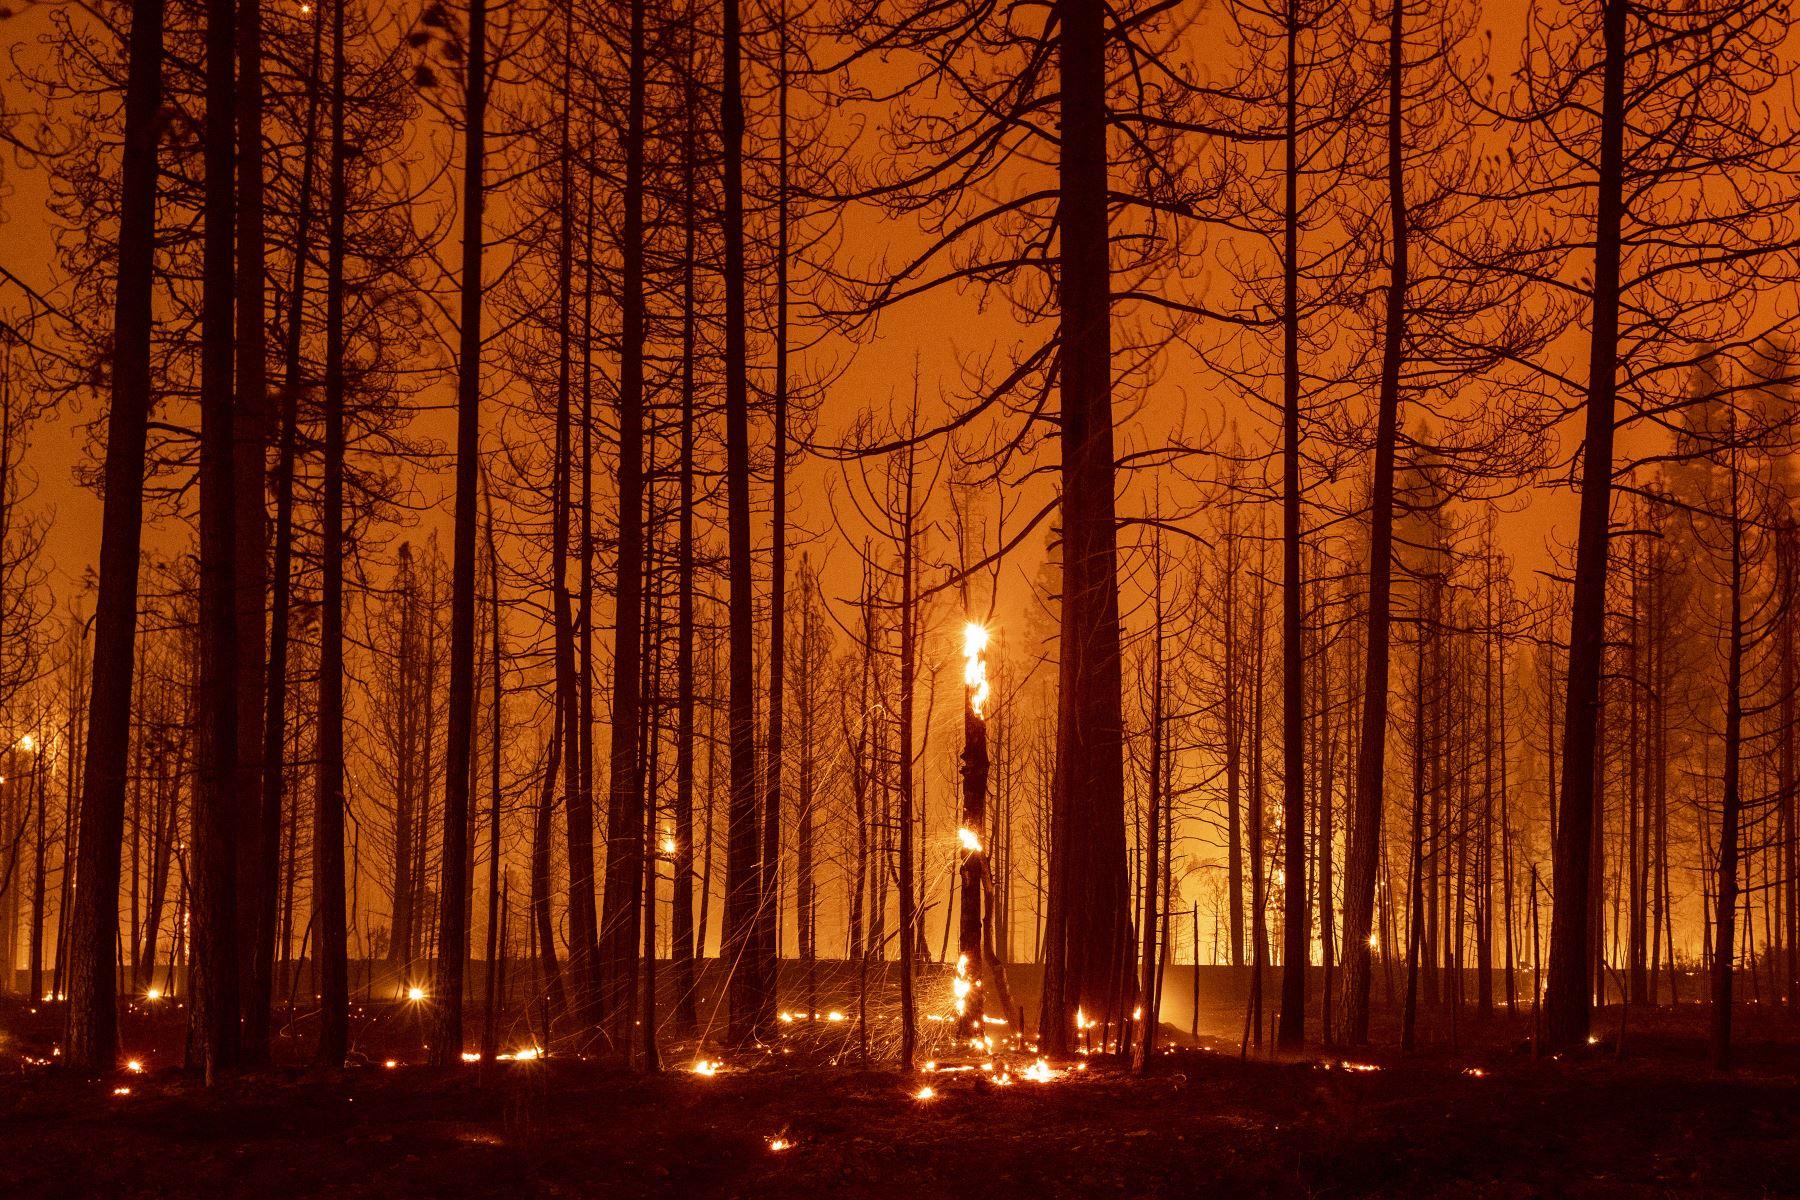 Los árboles arden y durante el incendio de Dixie cerca de Greenville, California. El incendio de Dixie ha quemado más de 250,000 acres y continúa acercándose a las comunidades residenciales. Foto: AFP